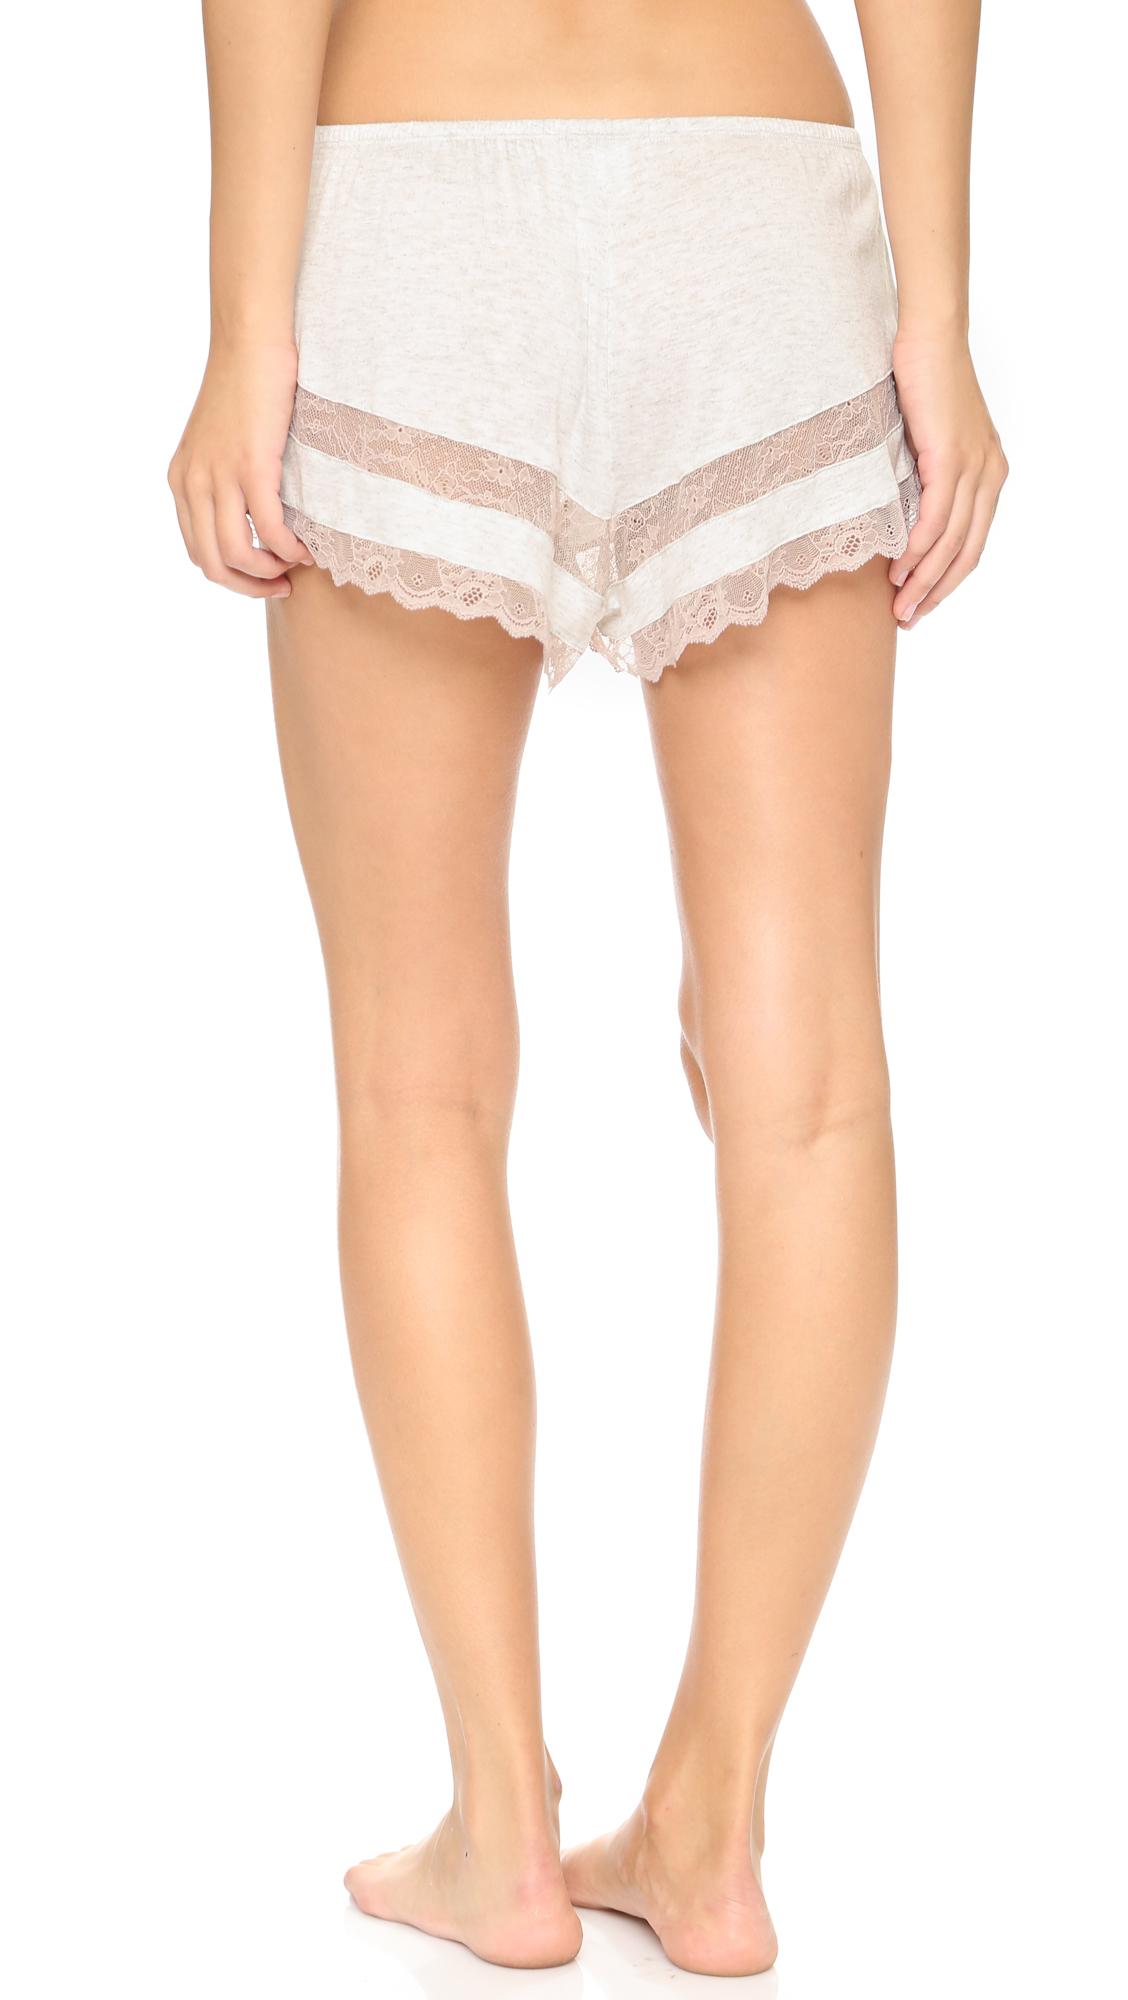 Hot Sexy Lingerie Lace Sleepwear for Women